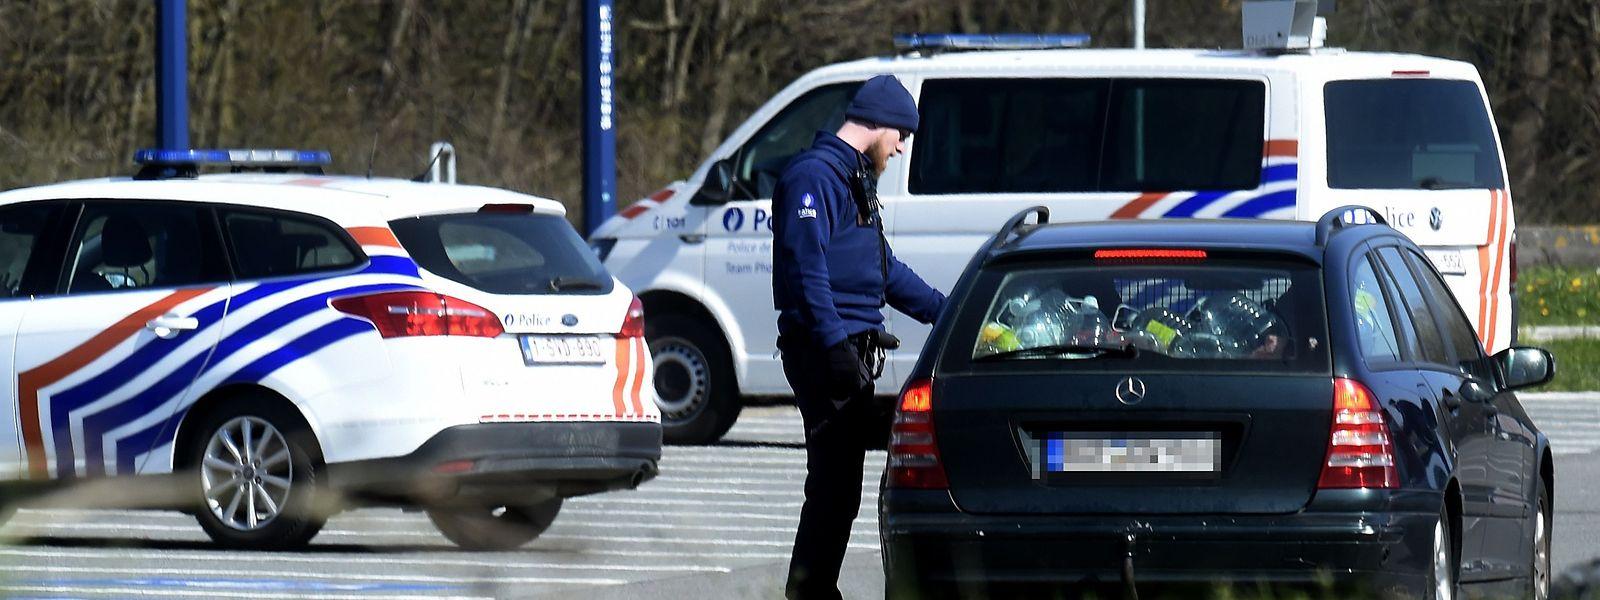 Les policiers n'ont de cesse de déplorer l'indiscipline de nombreux Belges